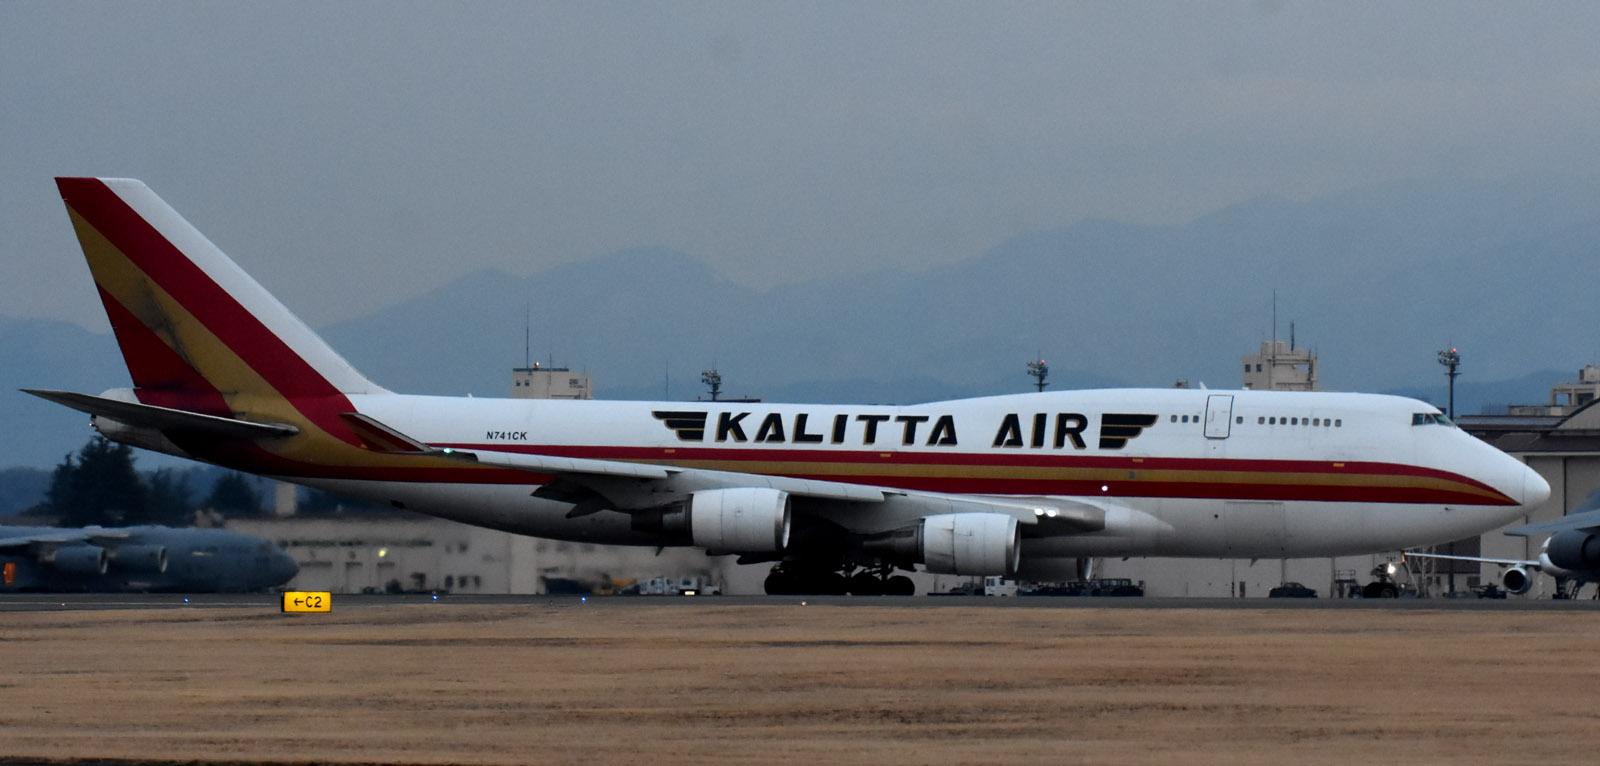 Kalitta190211g166